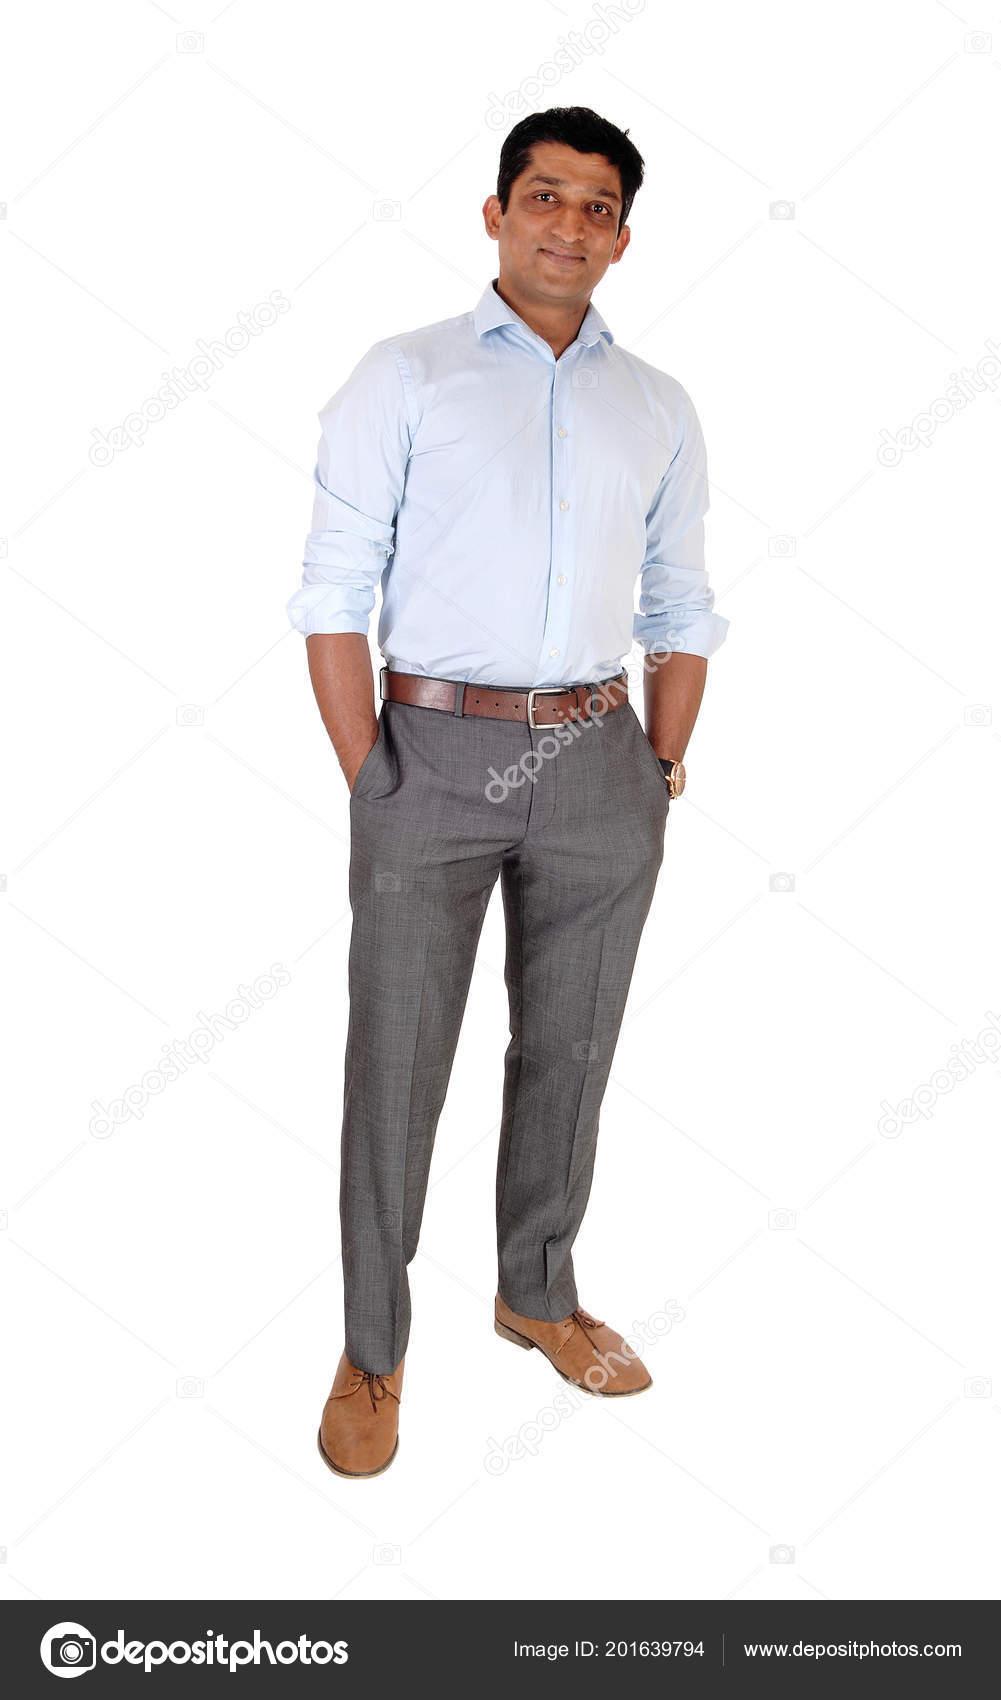 Hombre Indio Alto Pie Relajado Pantalones Vestir Camisa Azul